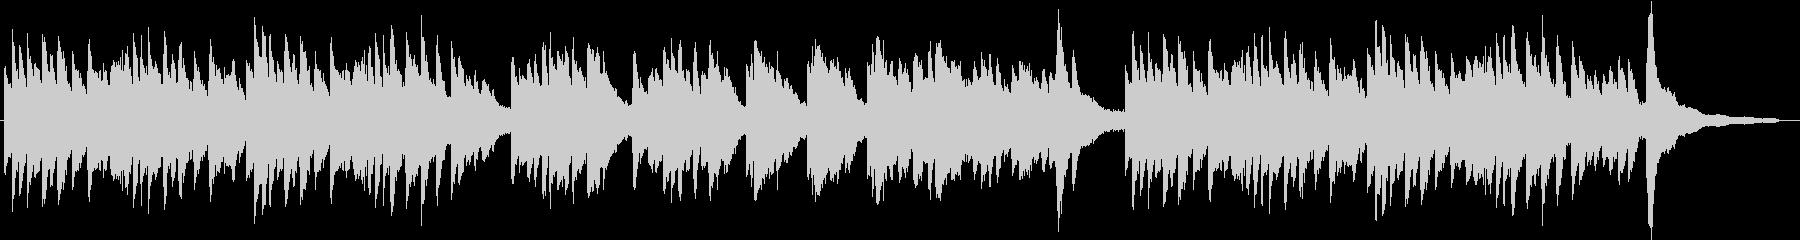 メロドラマ1(ピアノ)の未再生の波形